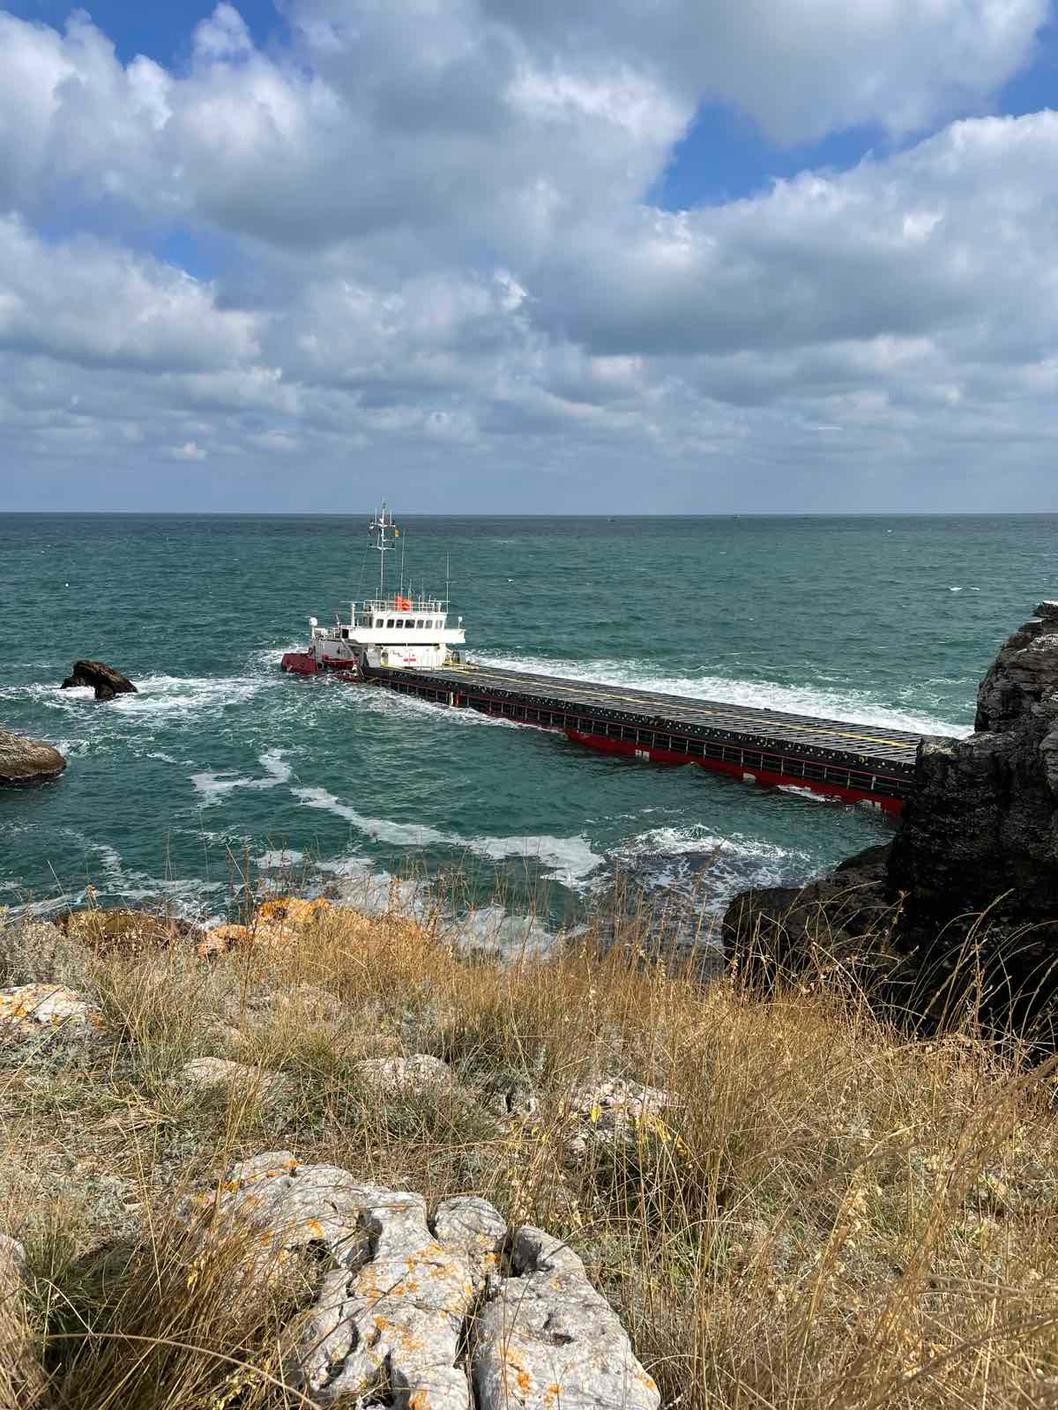 Направени са анализи по биологични елементи за качество на водите в района на авариралия кораб Vera Su